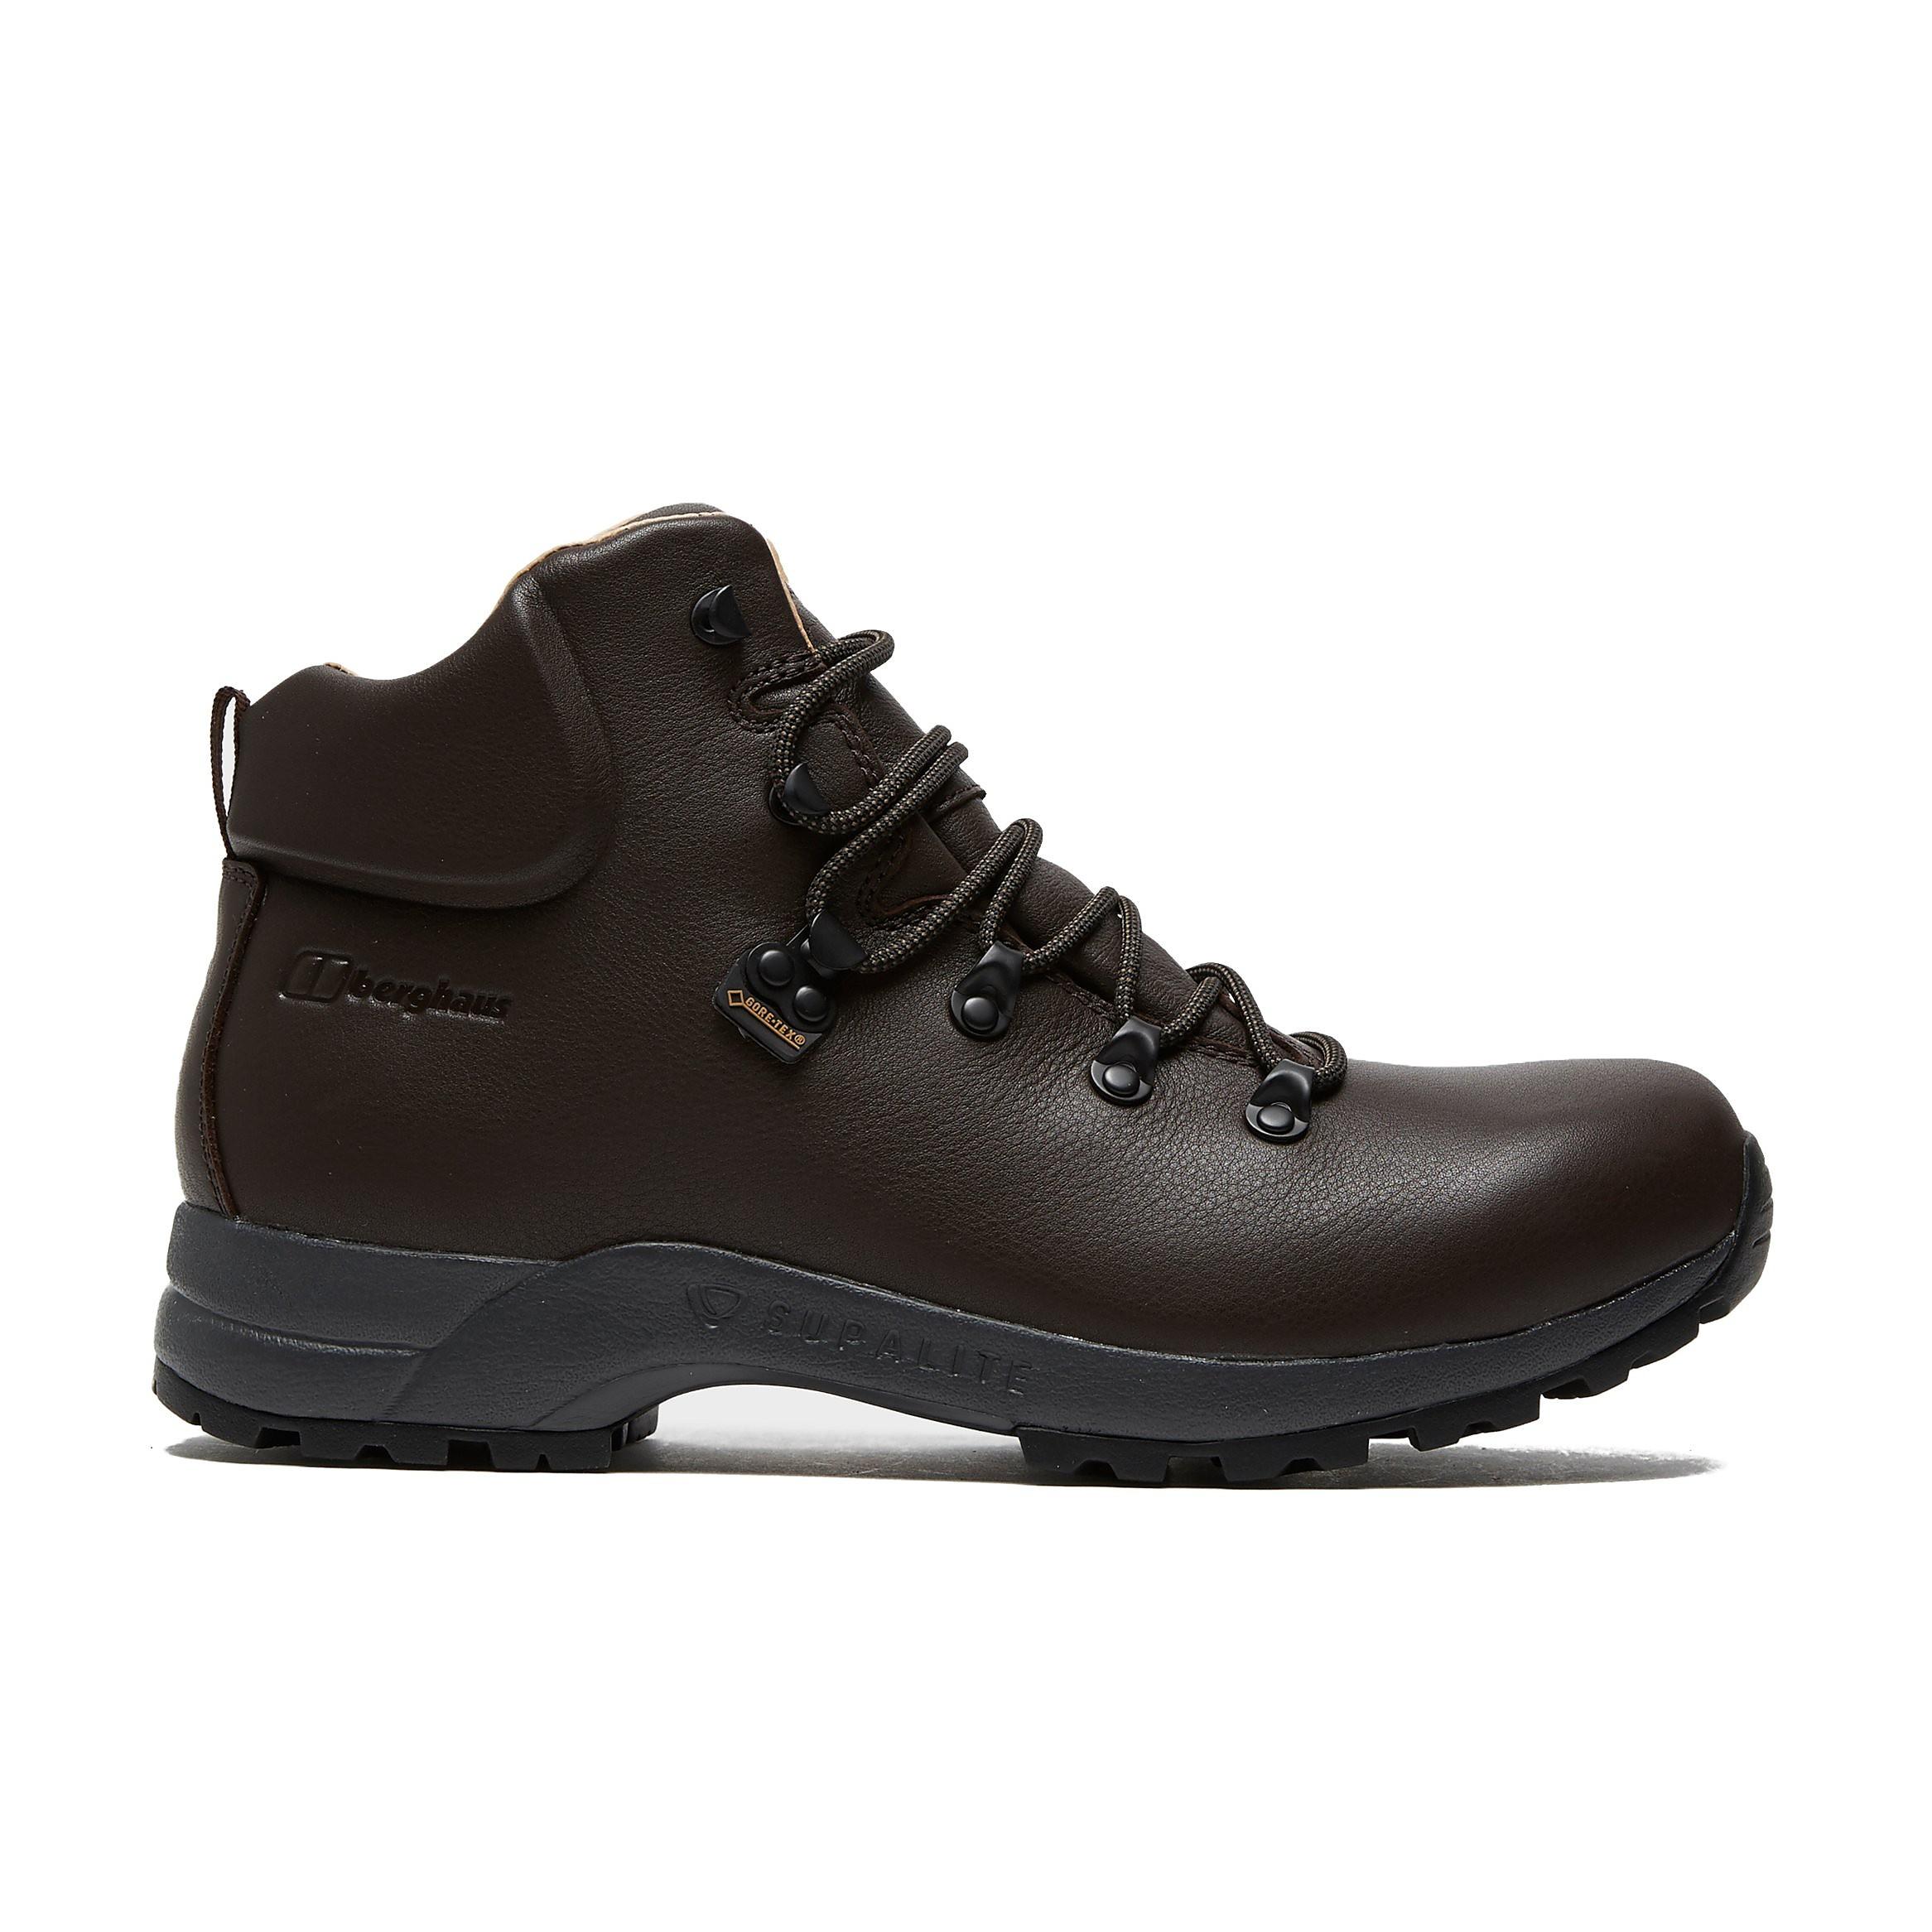 Berghaus Supalite II GTX Men's Walking Boot